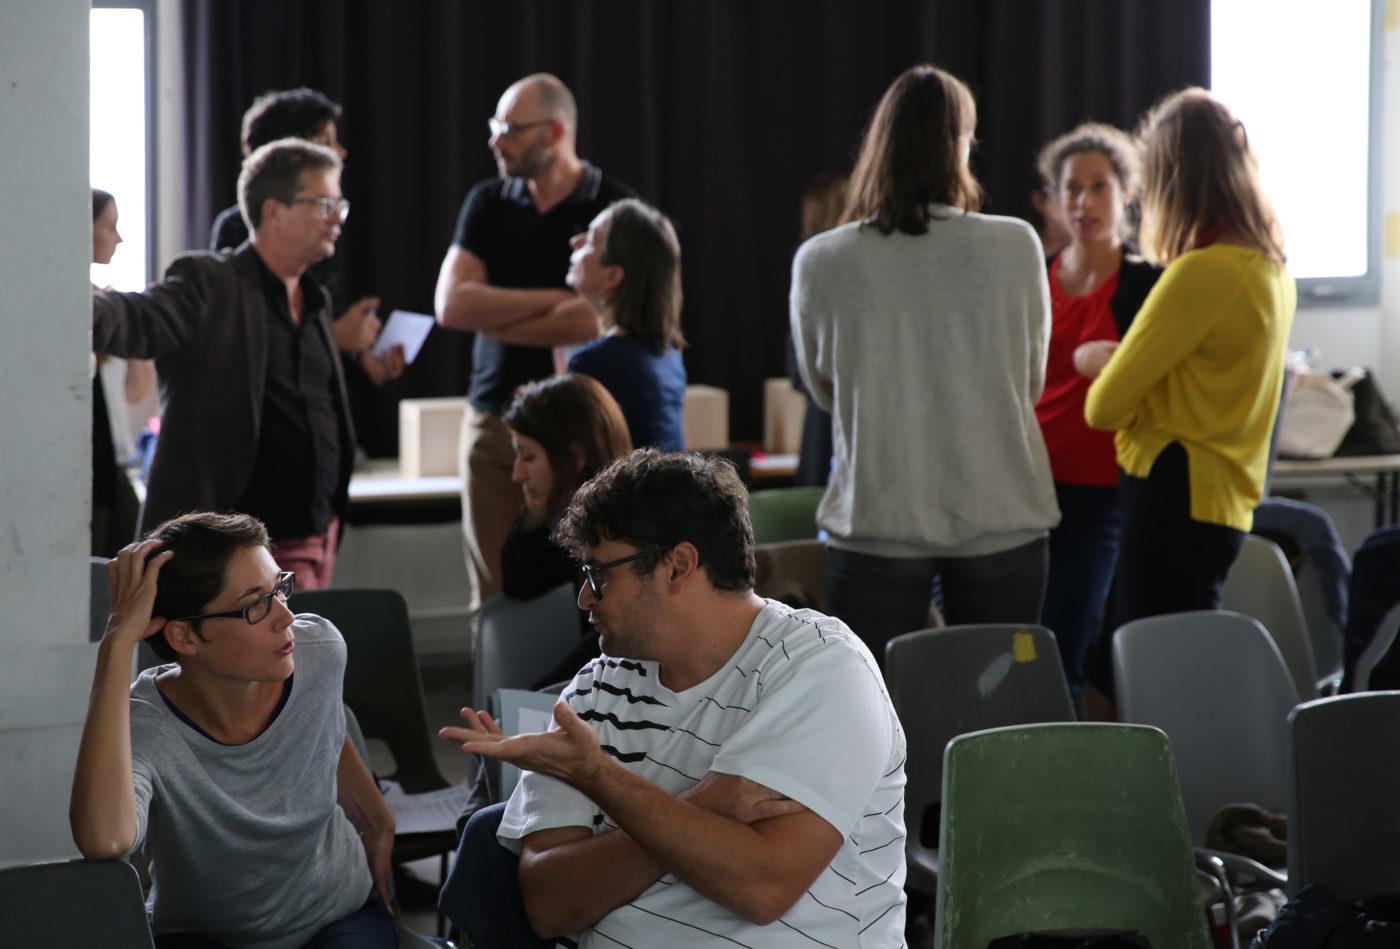 Plénière inter-collèges du Pôle arts visuels — Pôle Arts Visuels Pays de la Loire